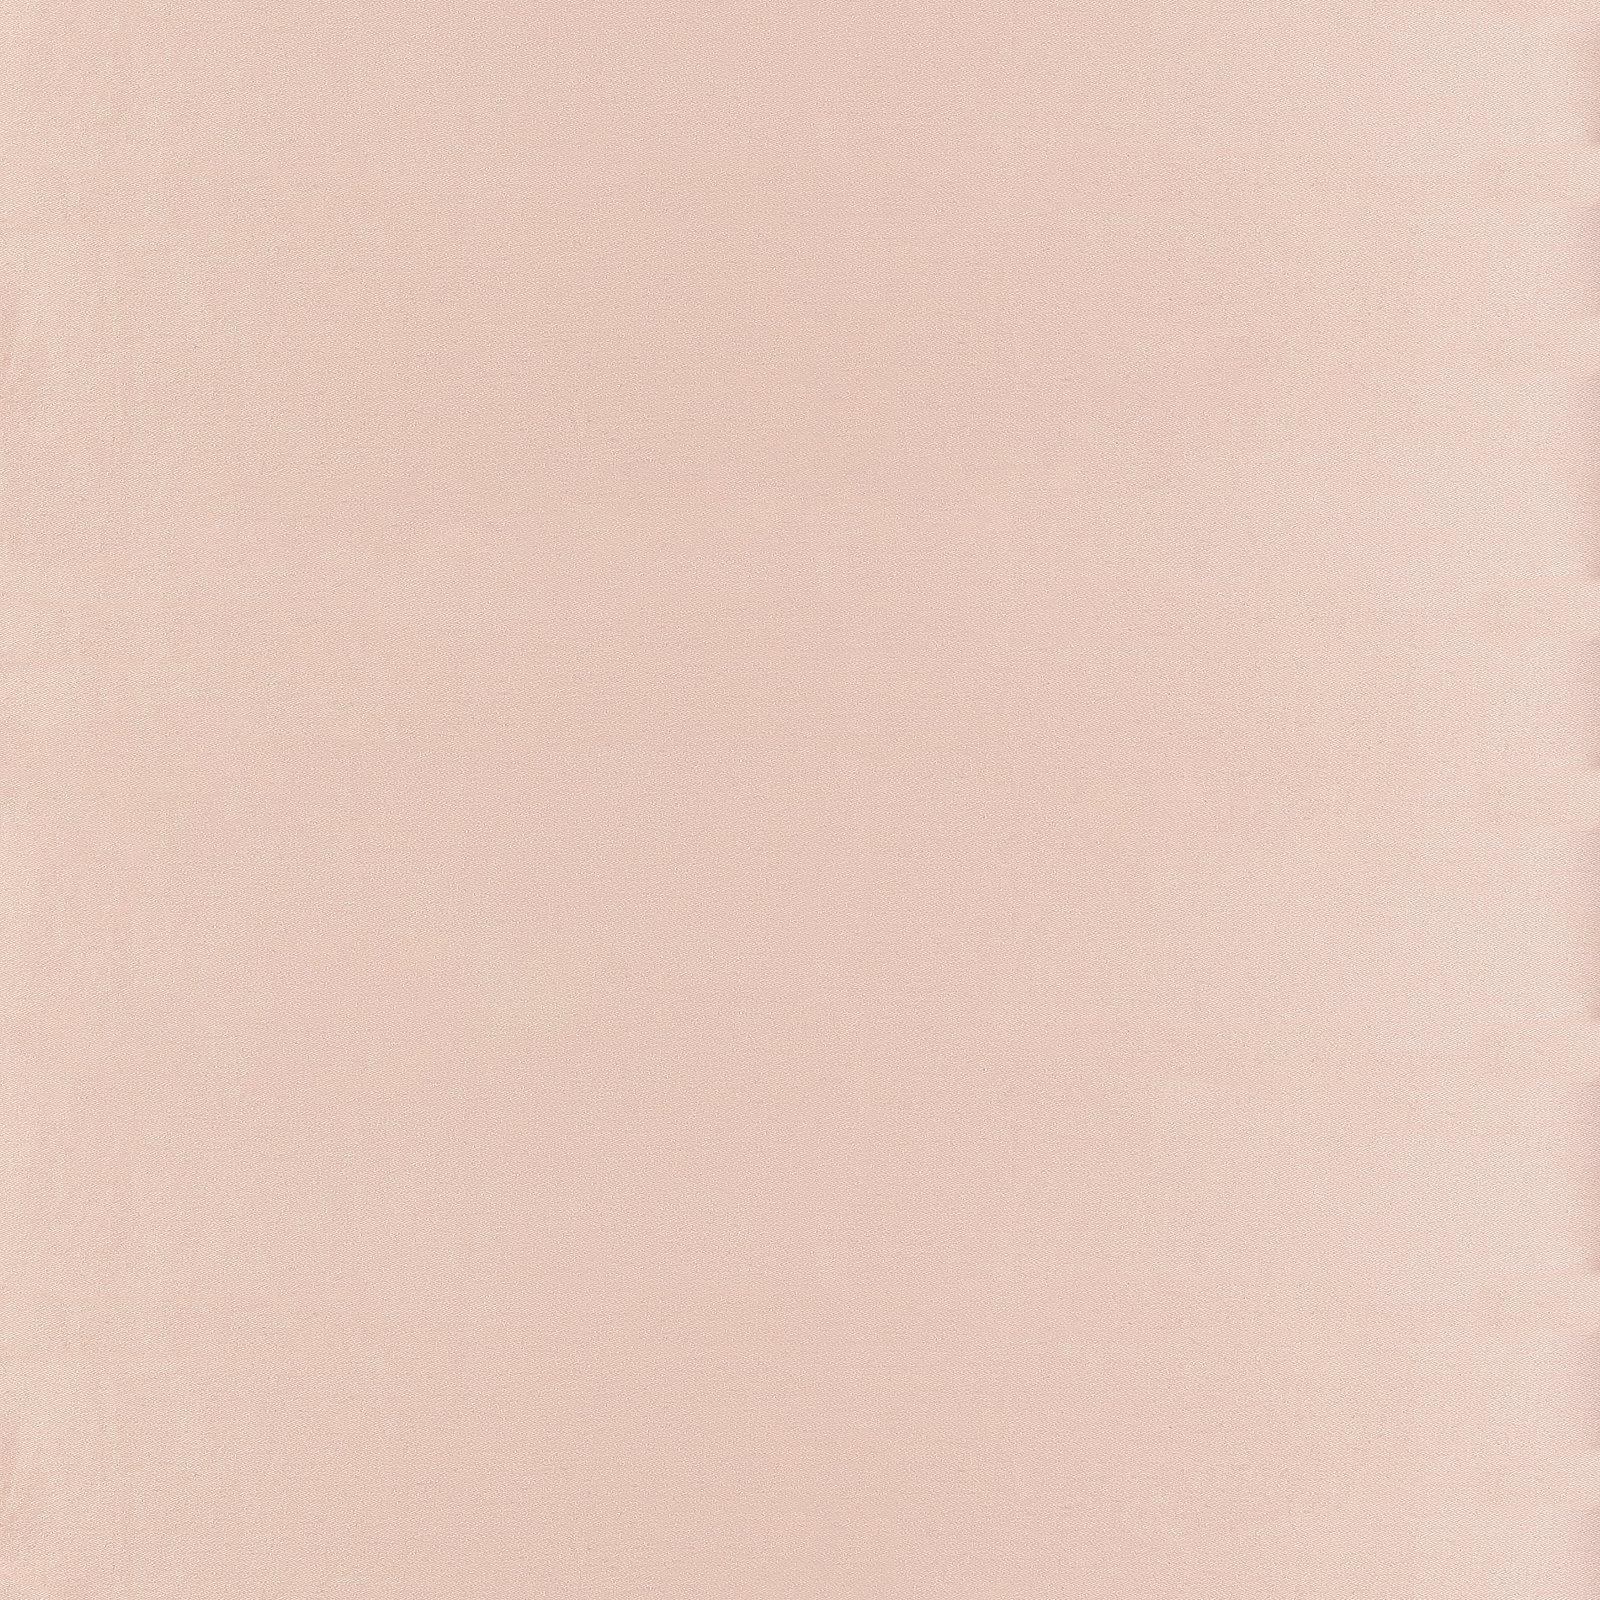 Denim w stretch dark powder 10,5oz 460864_pack_solid